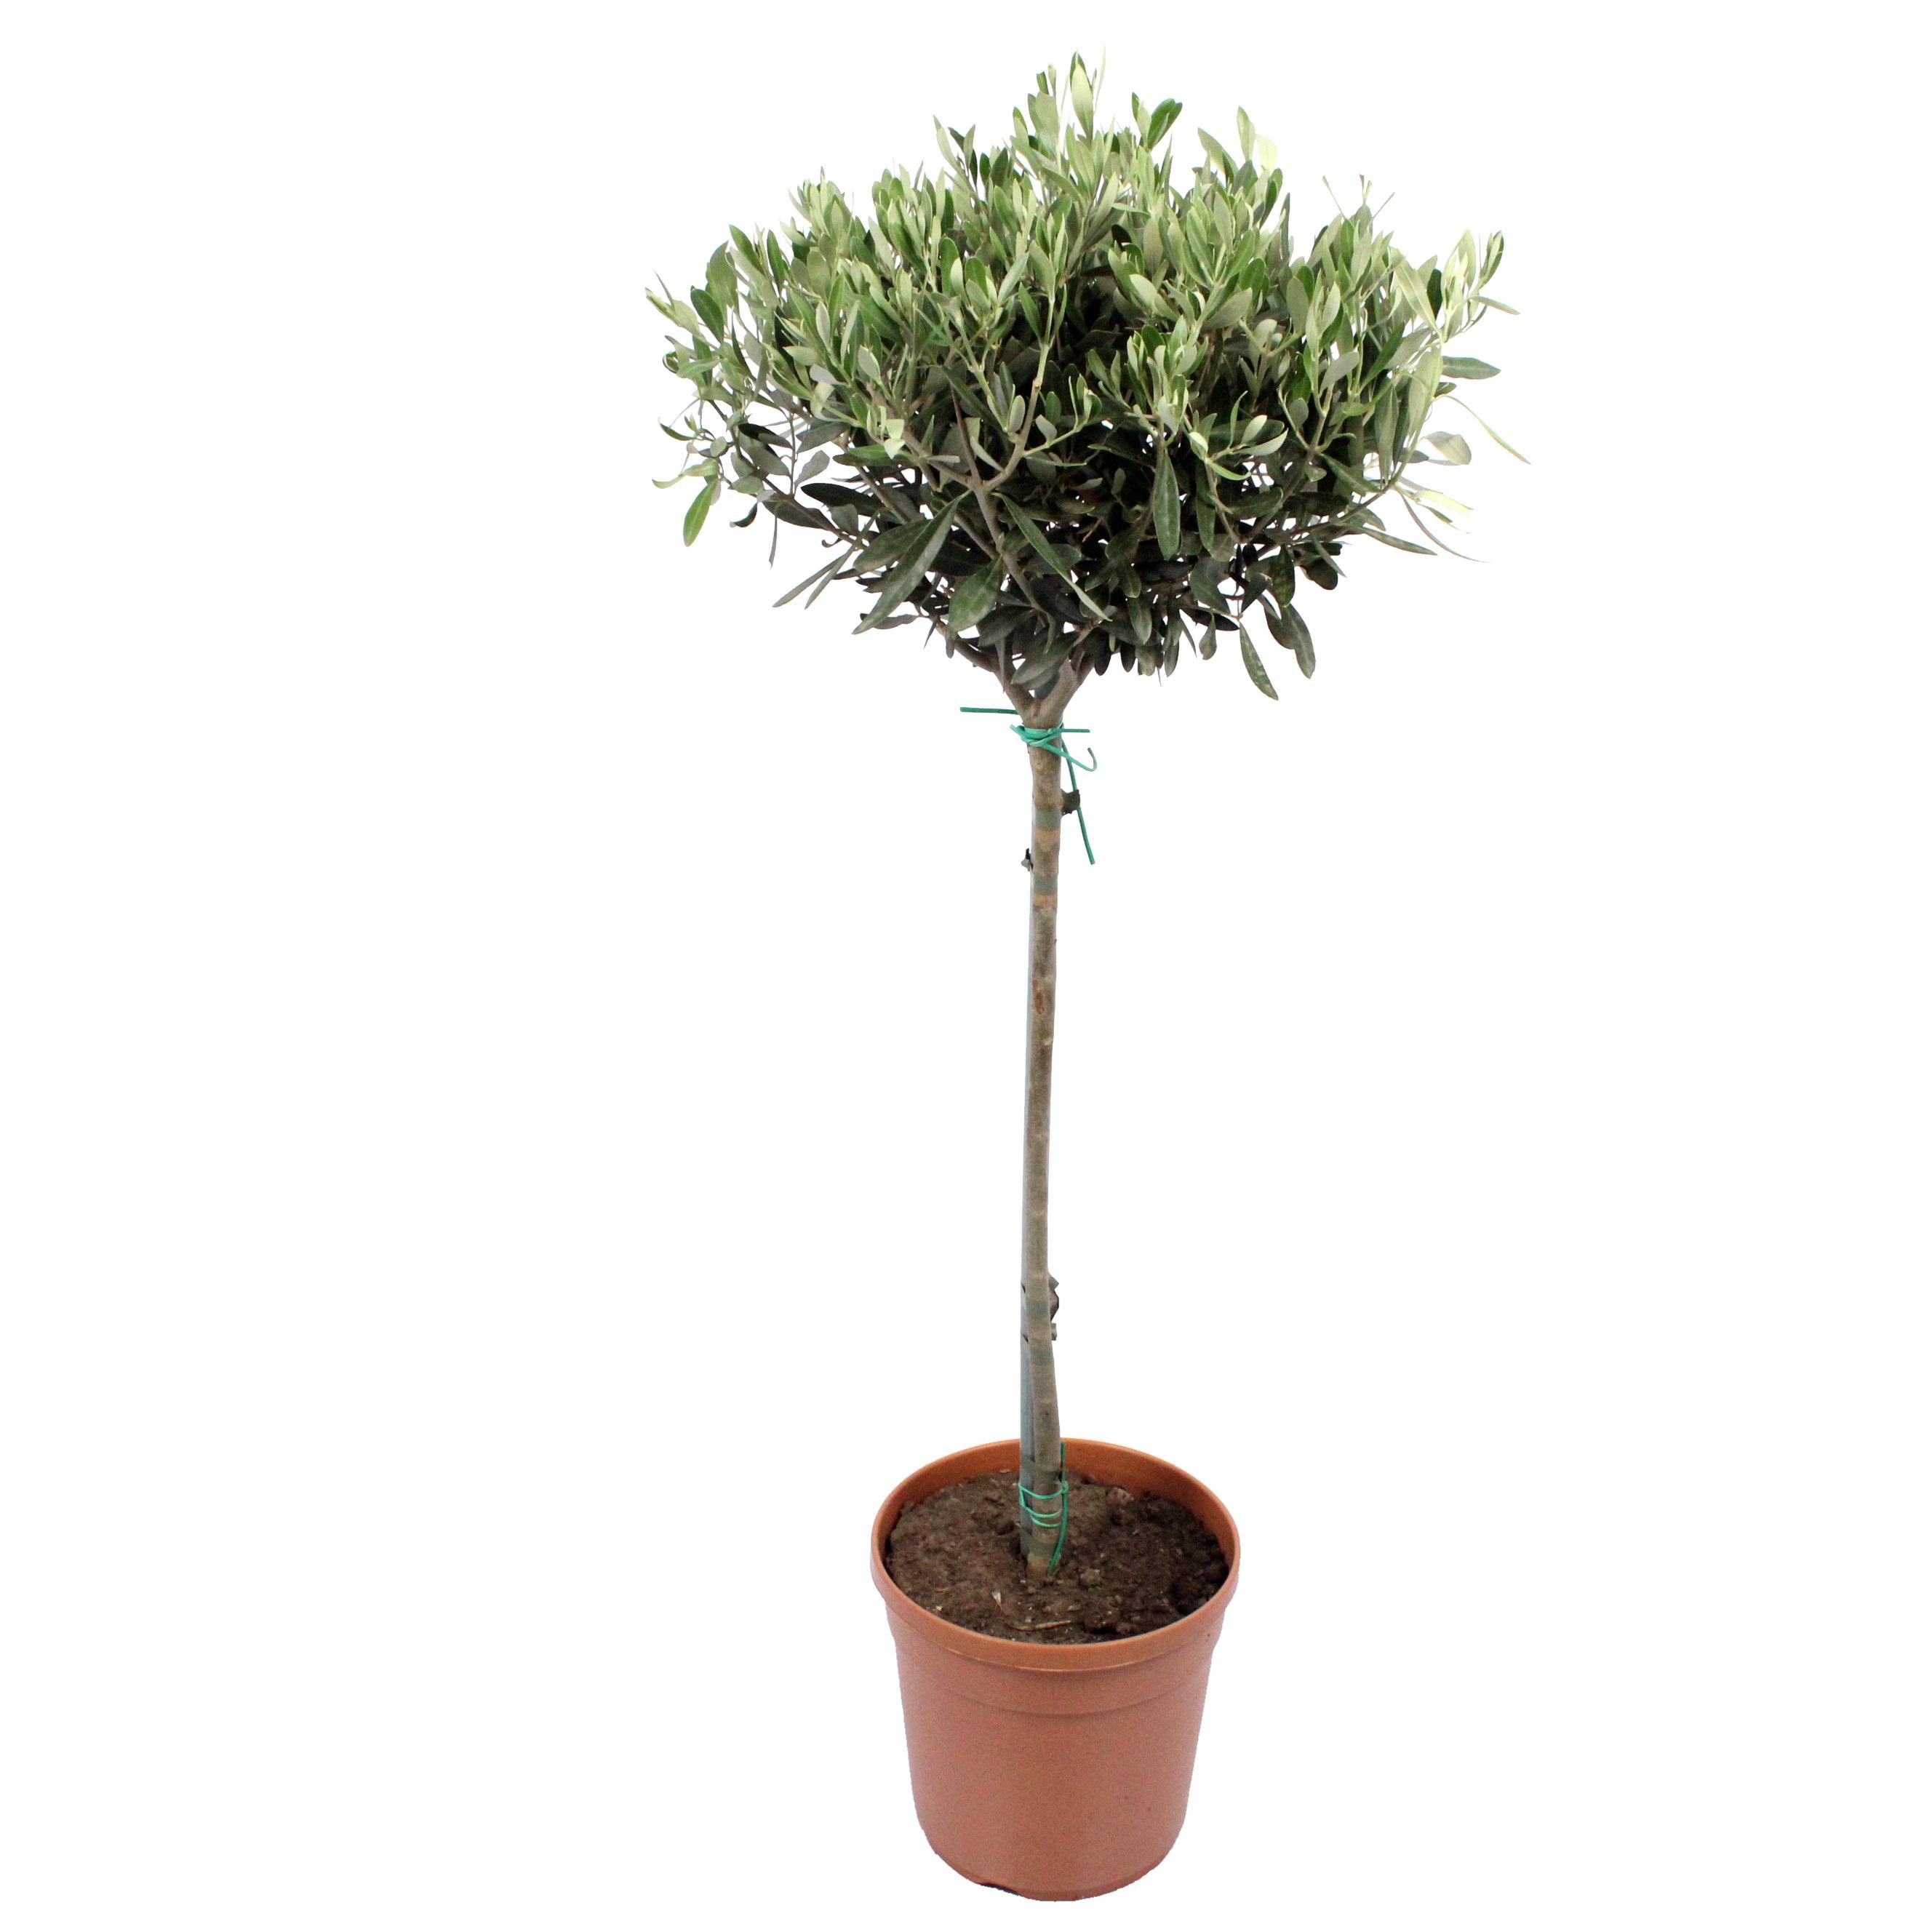 Plante d'intérieur - Olivier de 90 cm